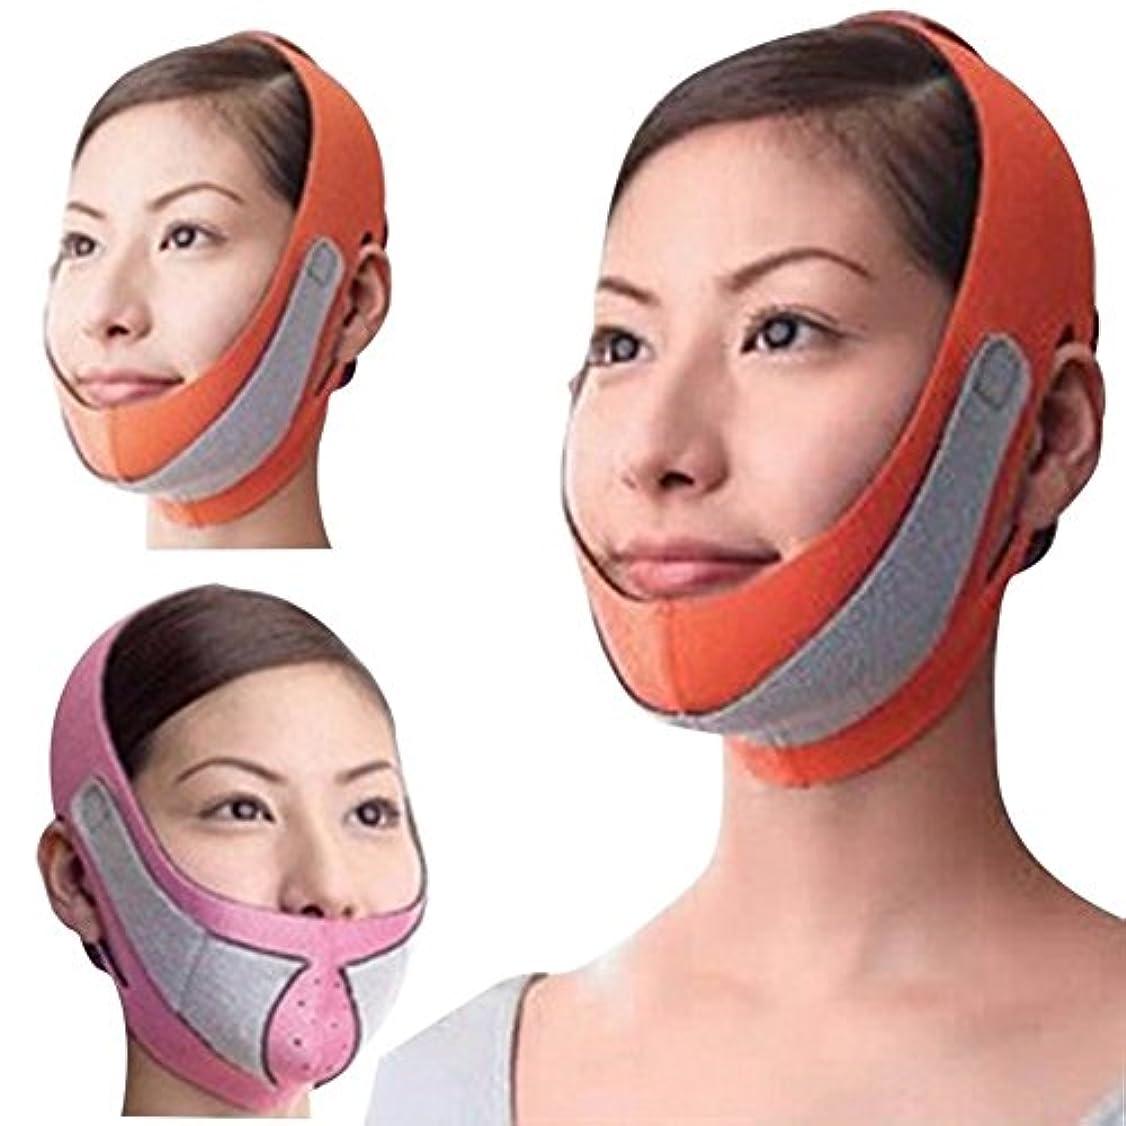 どういたしまして曲花瓶Remeehi 引き上げマスク 頬のたるみ 額 顎下 頬リフトアップ ピンク グレー 弾力V-ラインマスク 引っ張る リフティング フェイス リフトスリムマスク 美容 フェイスマスク オレンジ